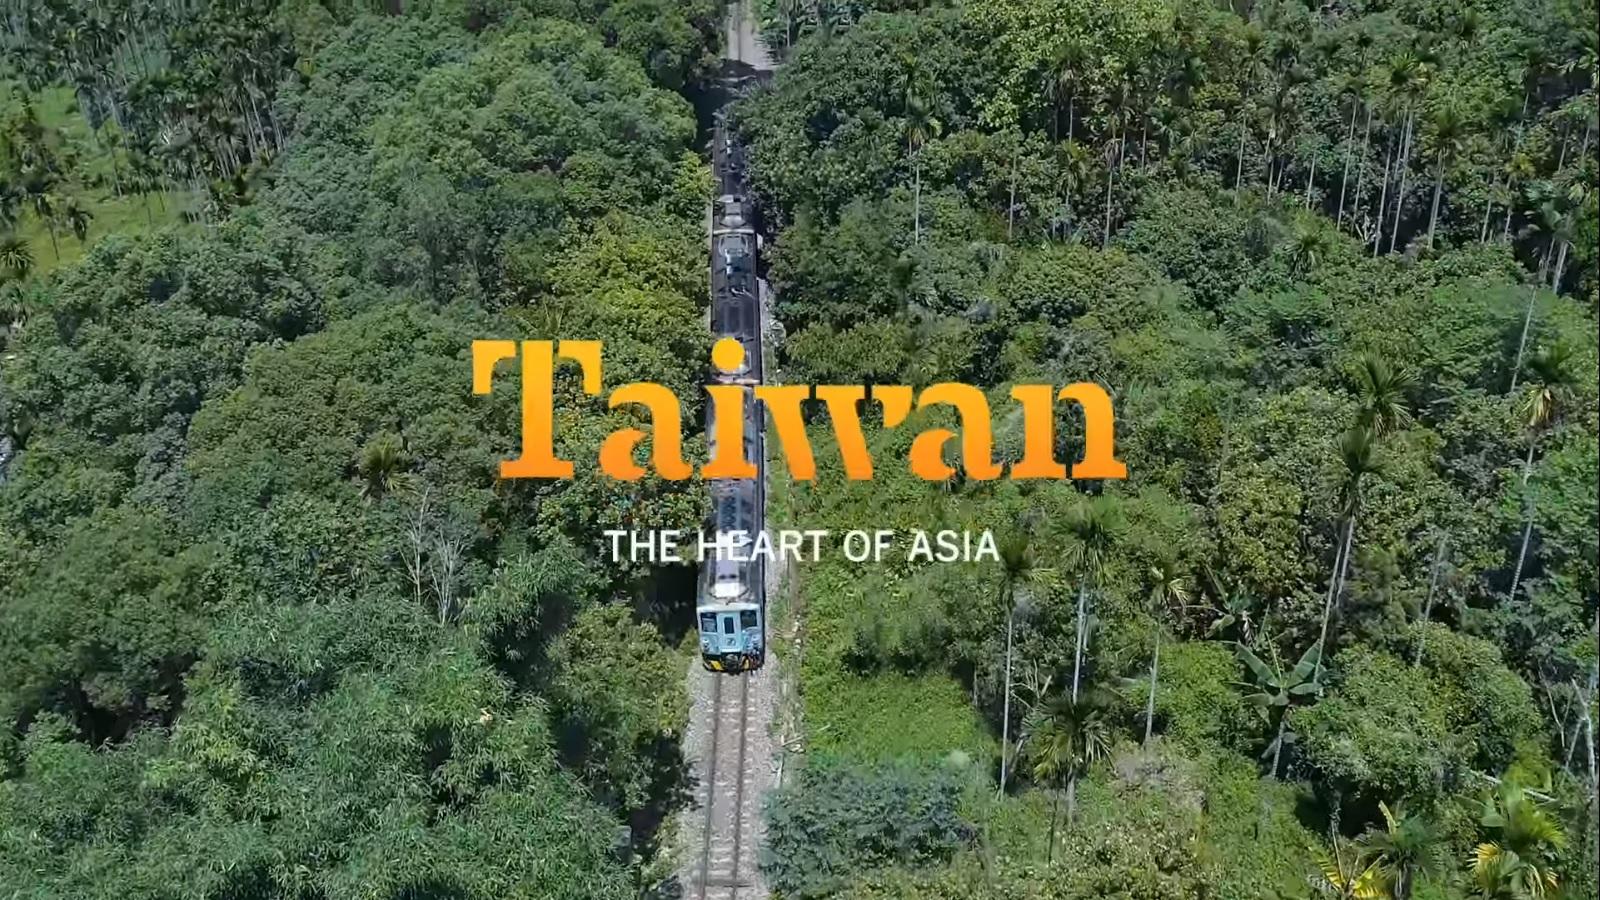 Persyaratan Kerja di Taiwan, Daftar TKI Resmi Sekarang, GRATIS!